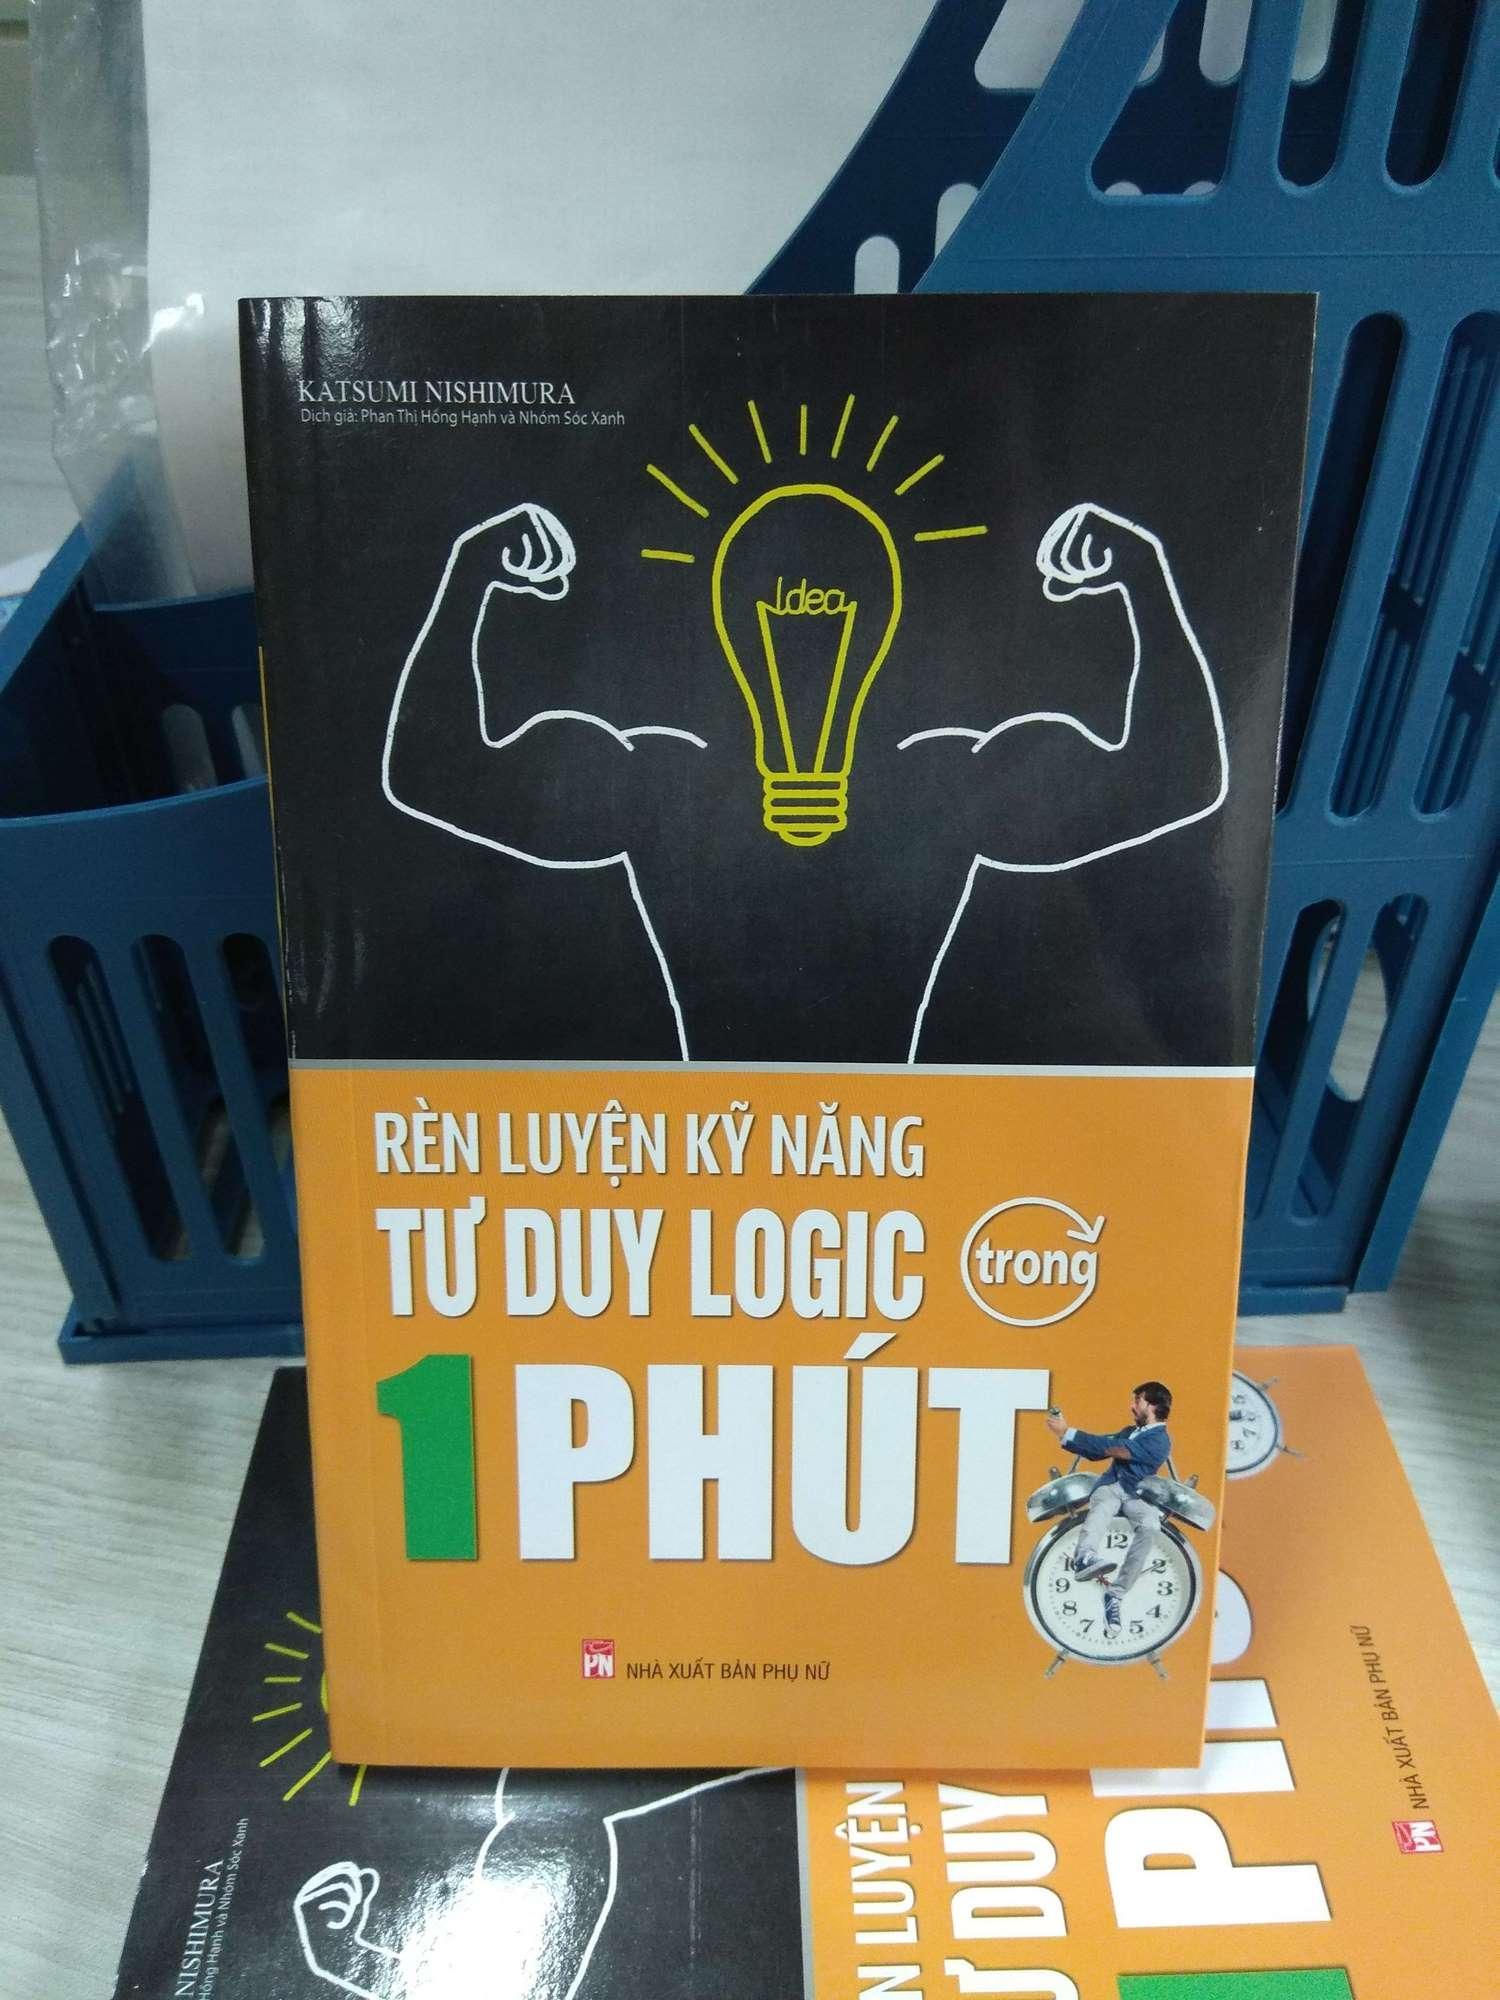 Mua Sách Rèn luyện kĩ năng tư duy logic trong một phút thương hiệu MCBooks